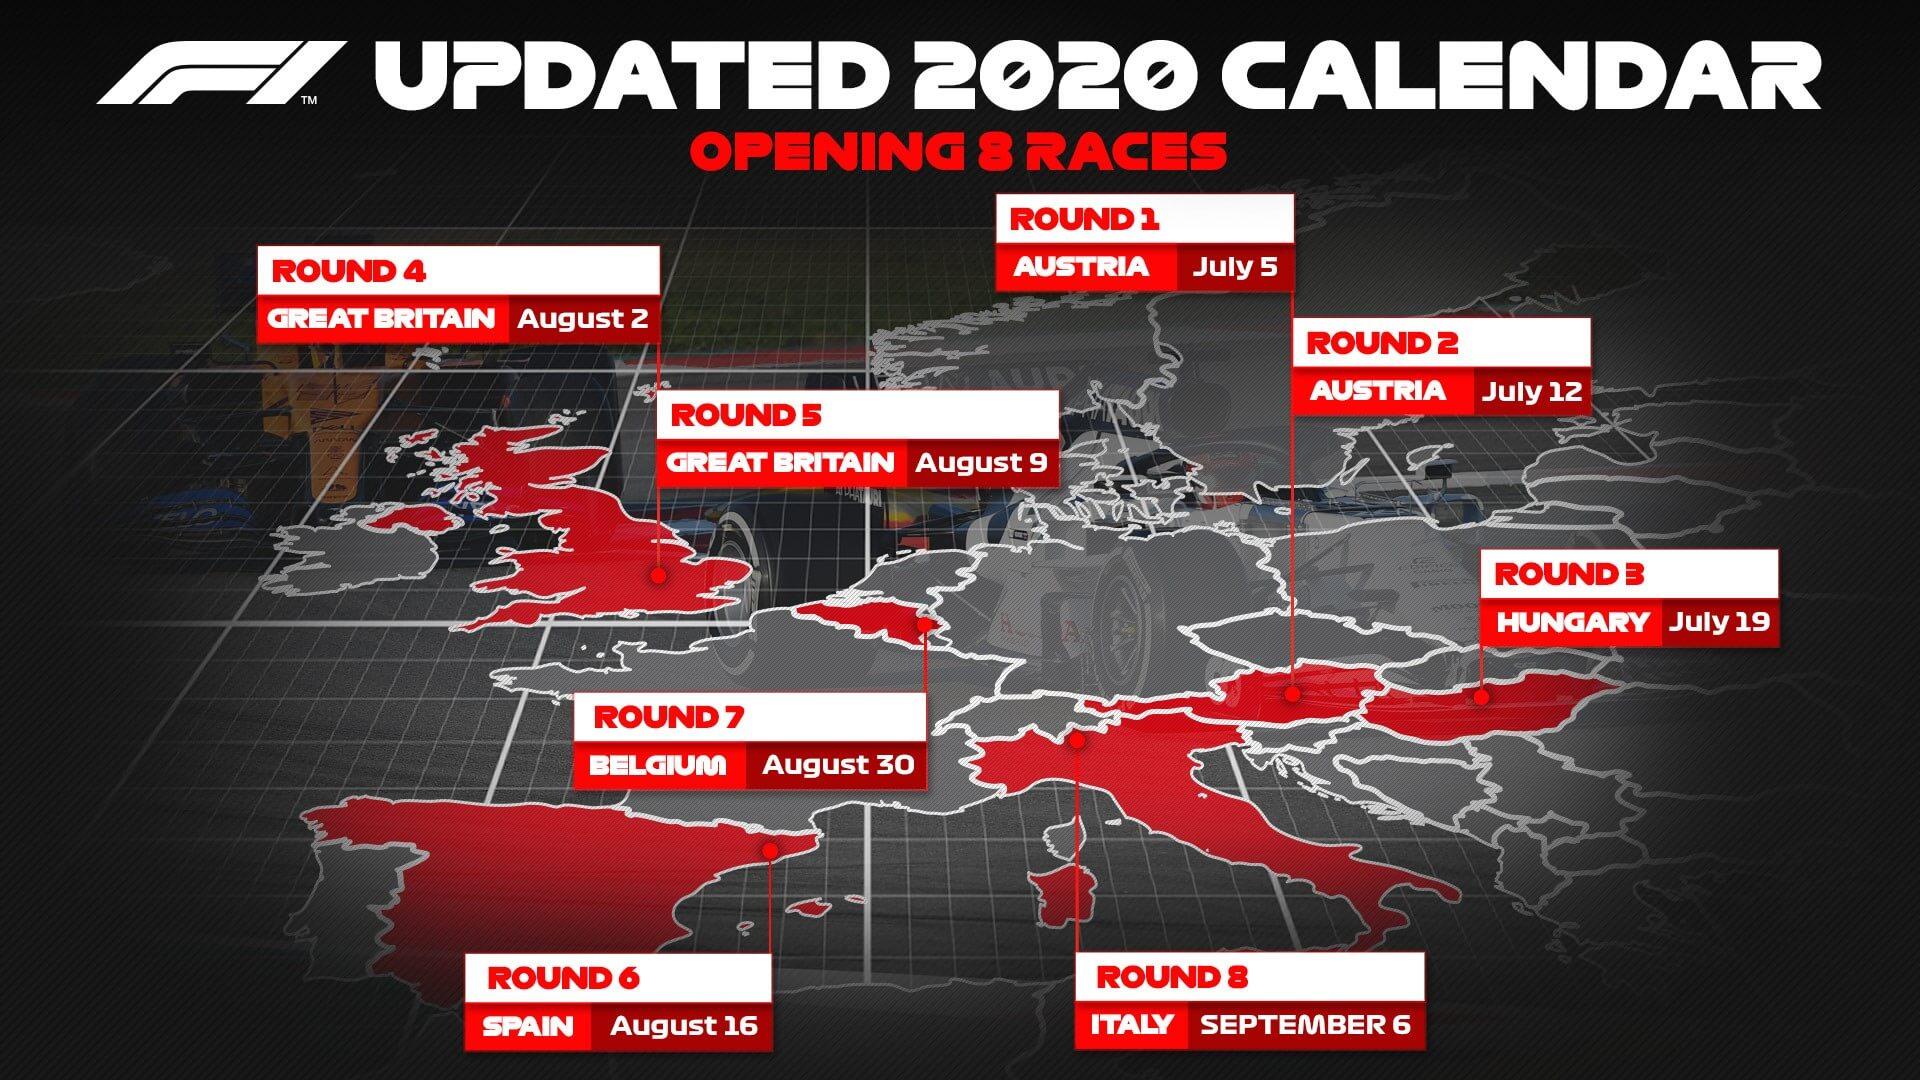 Apostar em GP Austria 2020